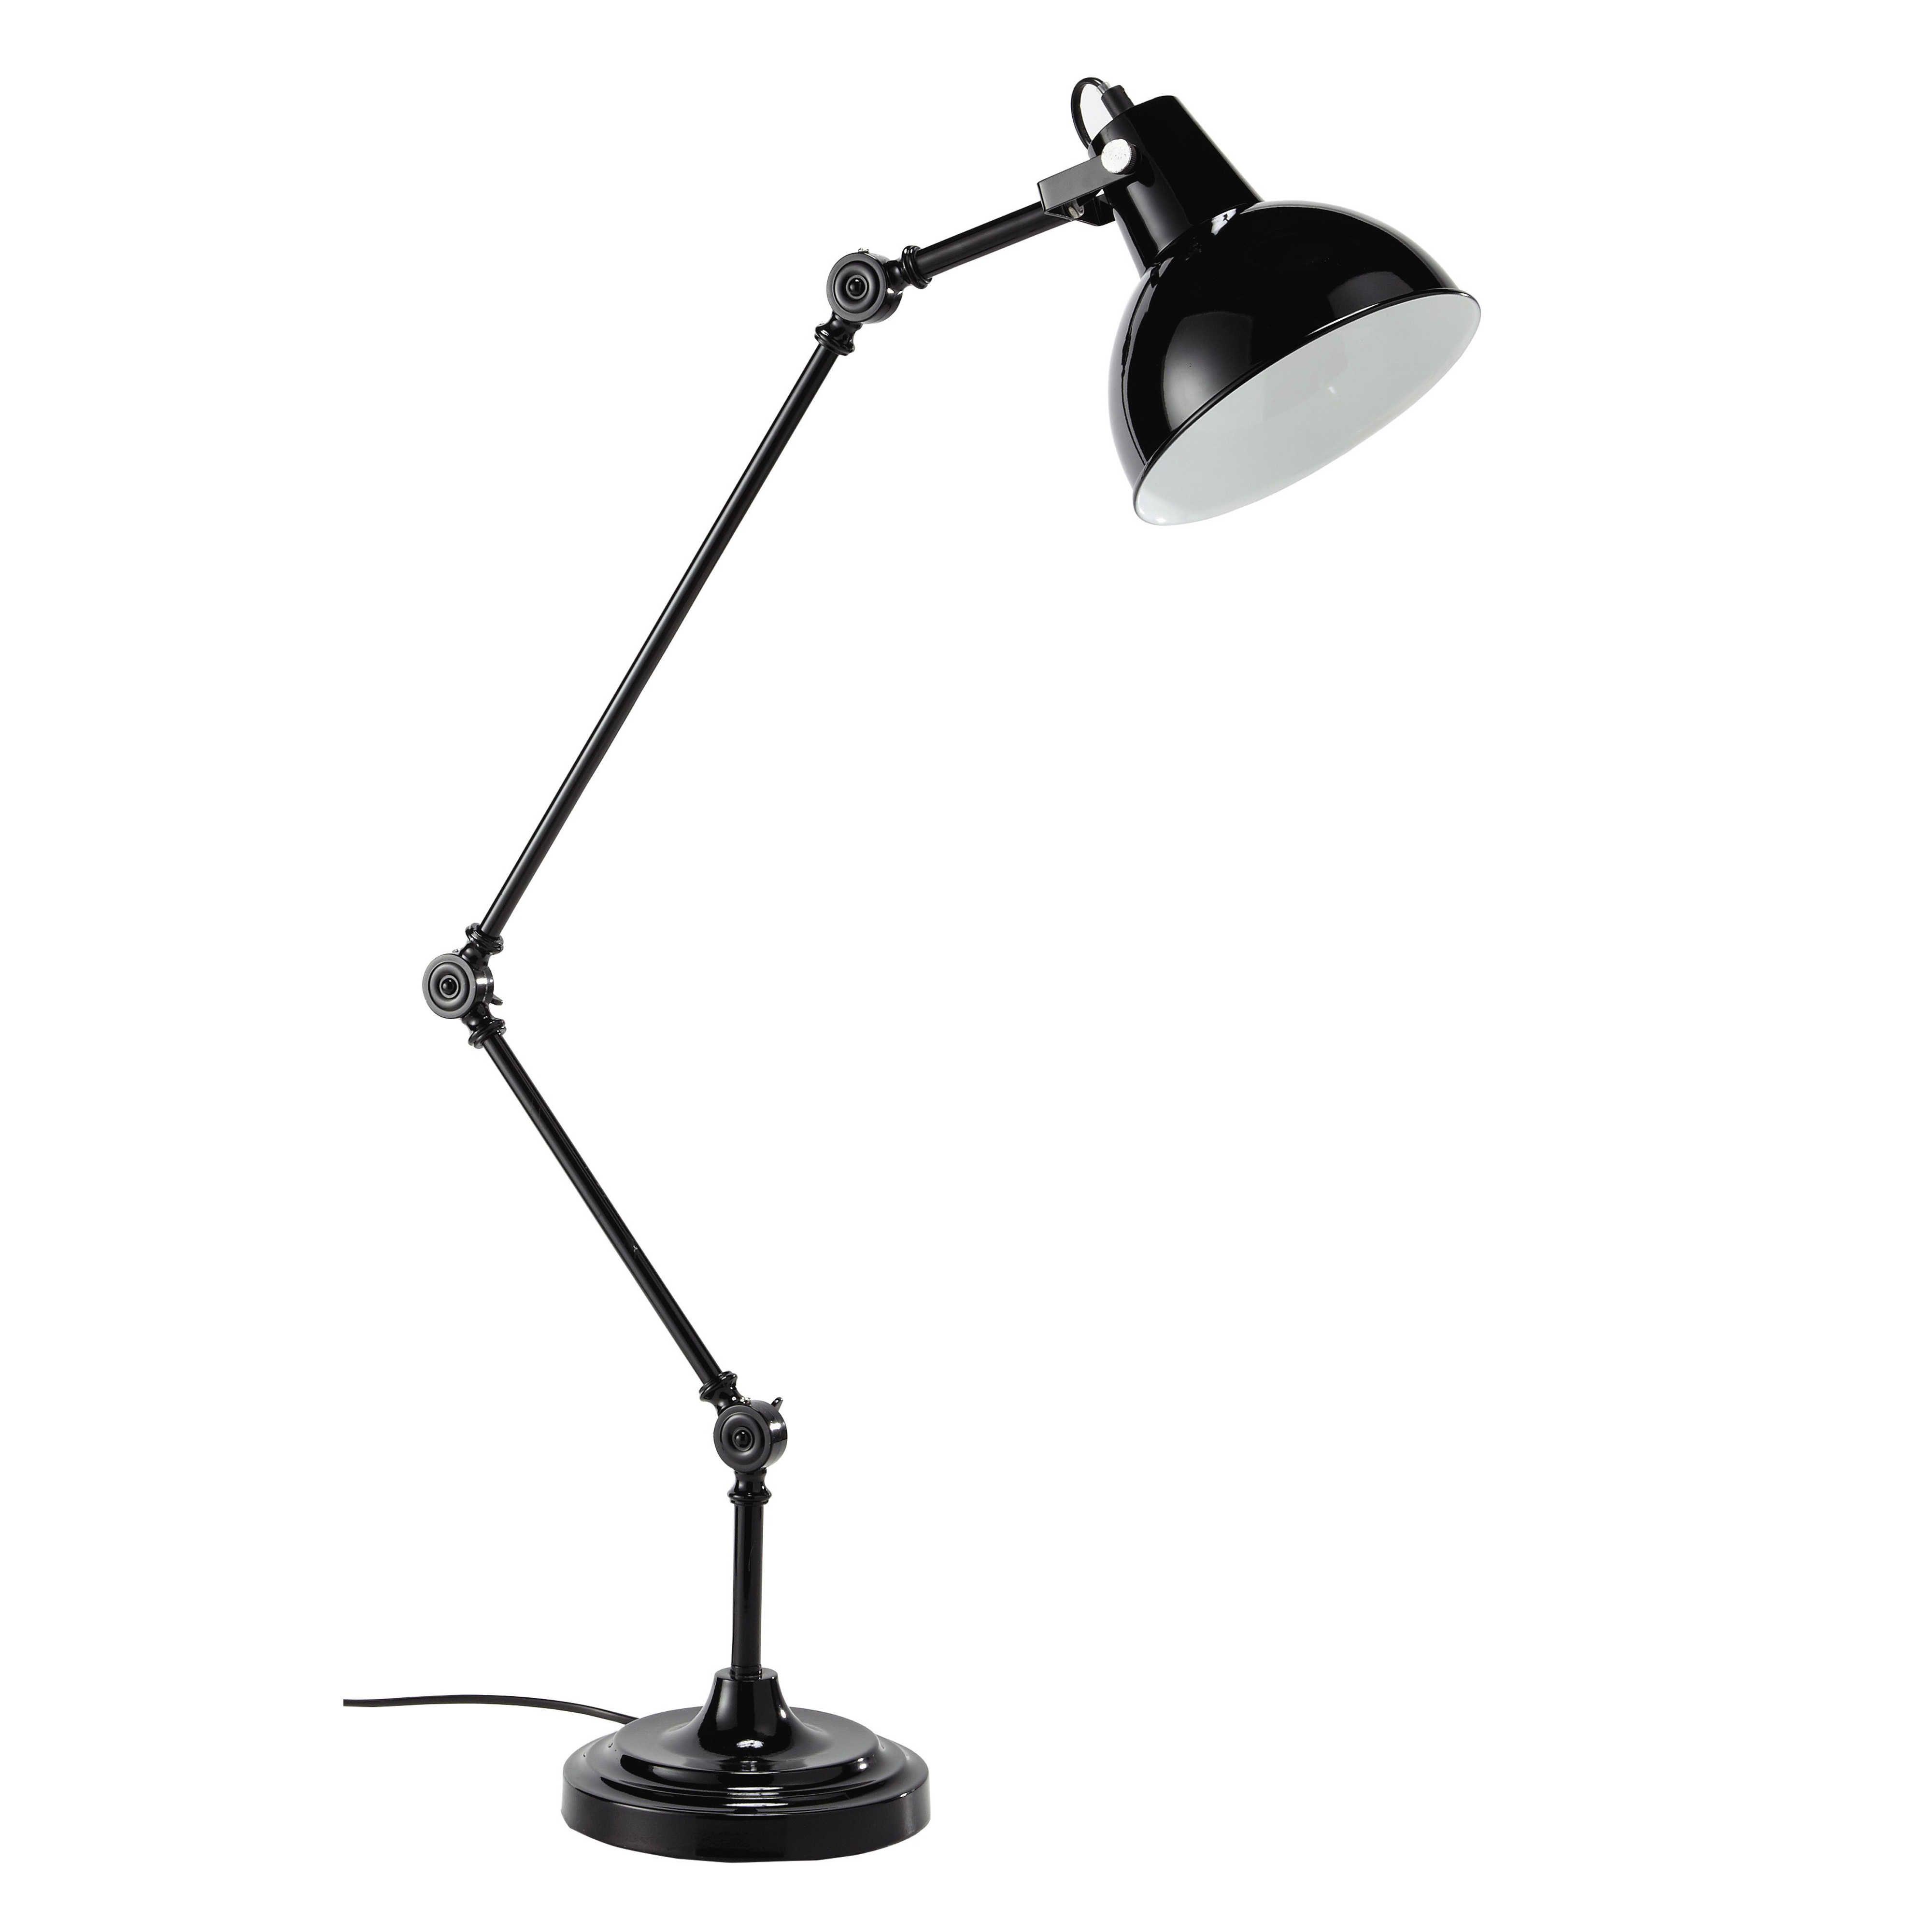 Leuchten In 2019 Maison Du Mond Desk Lamp Lighting Pendant Lamp